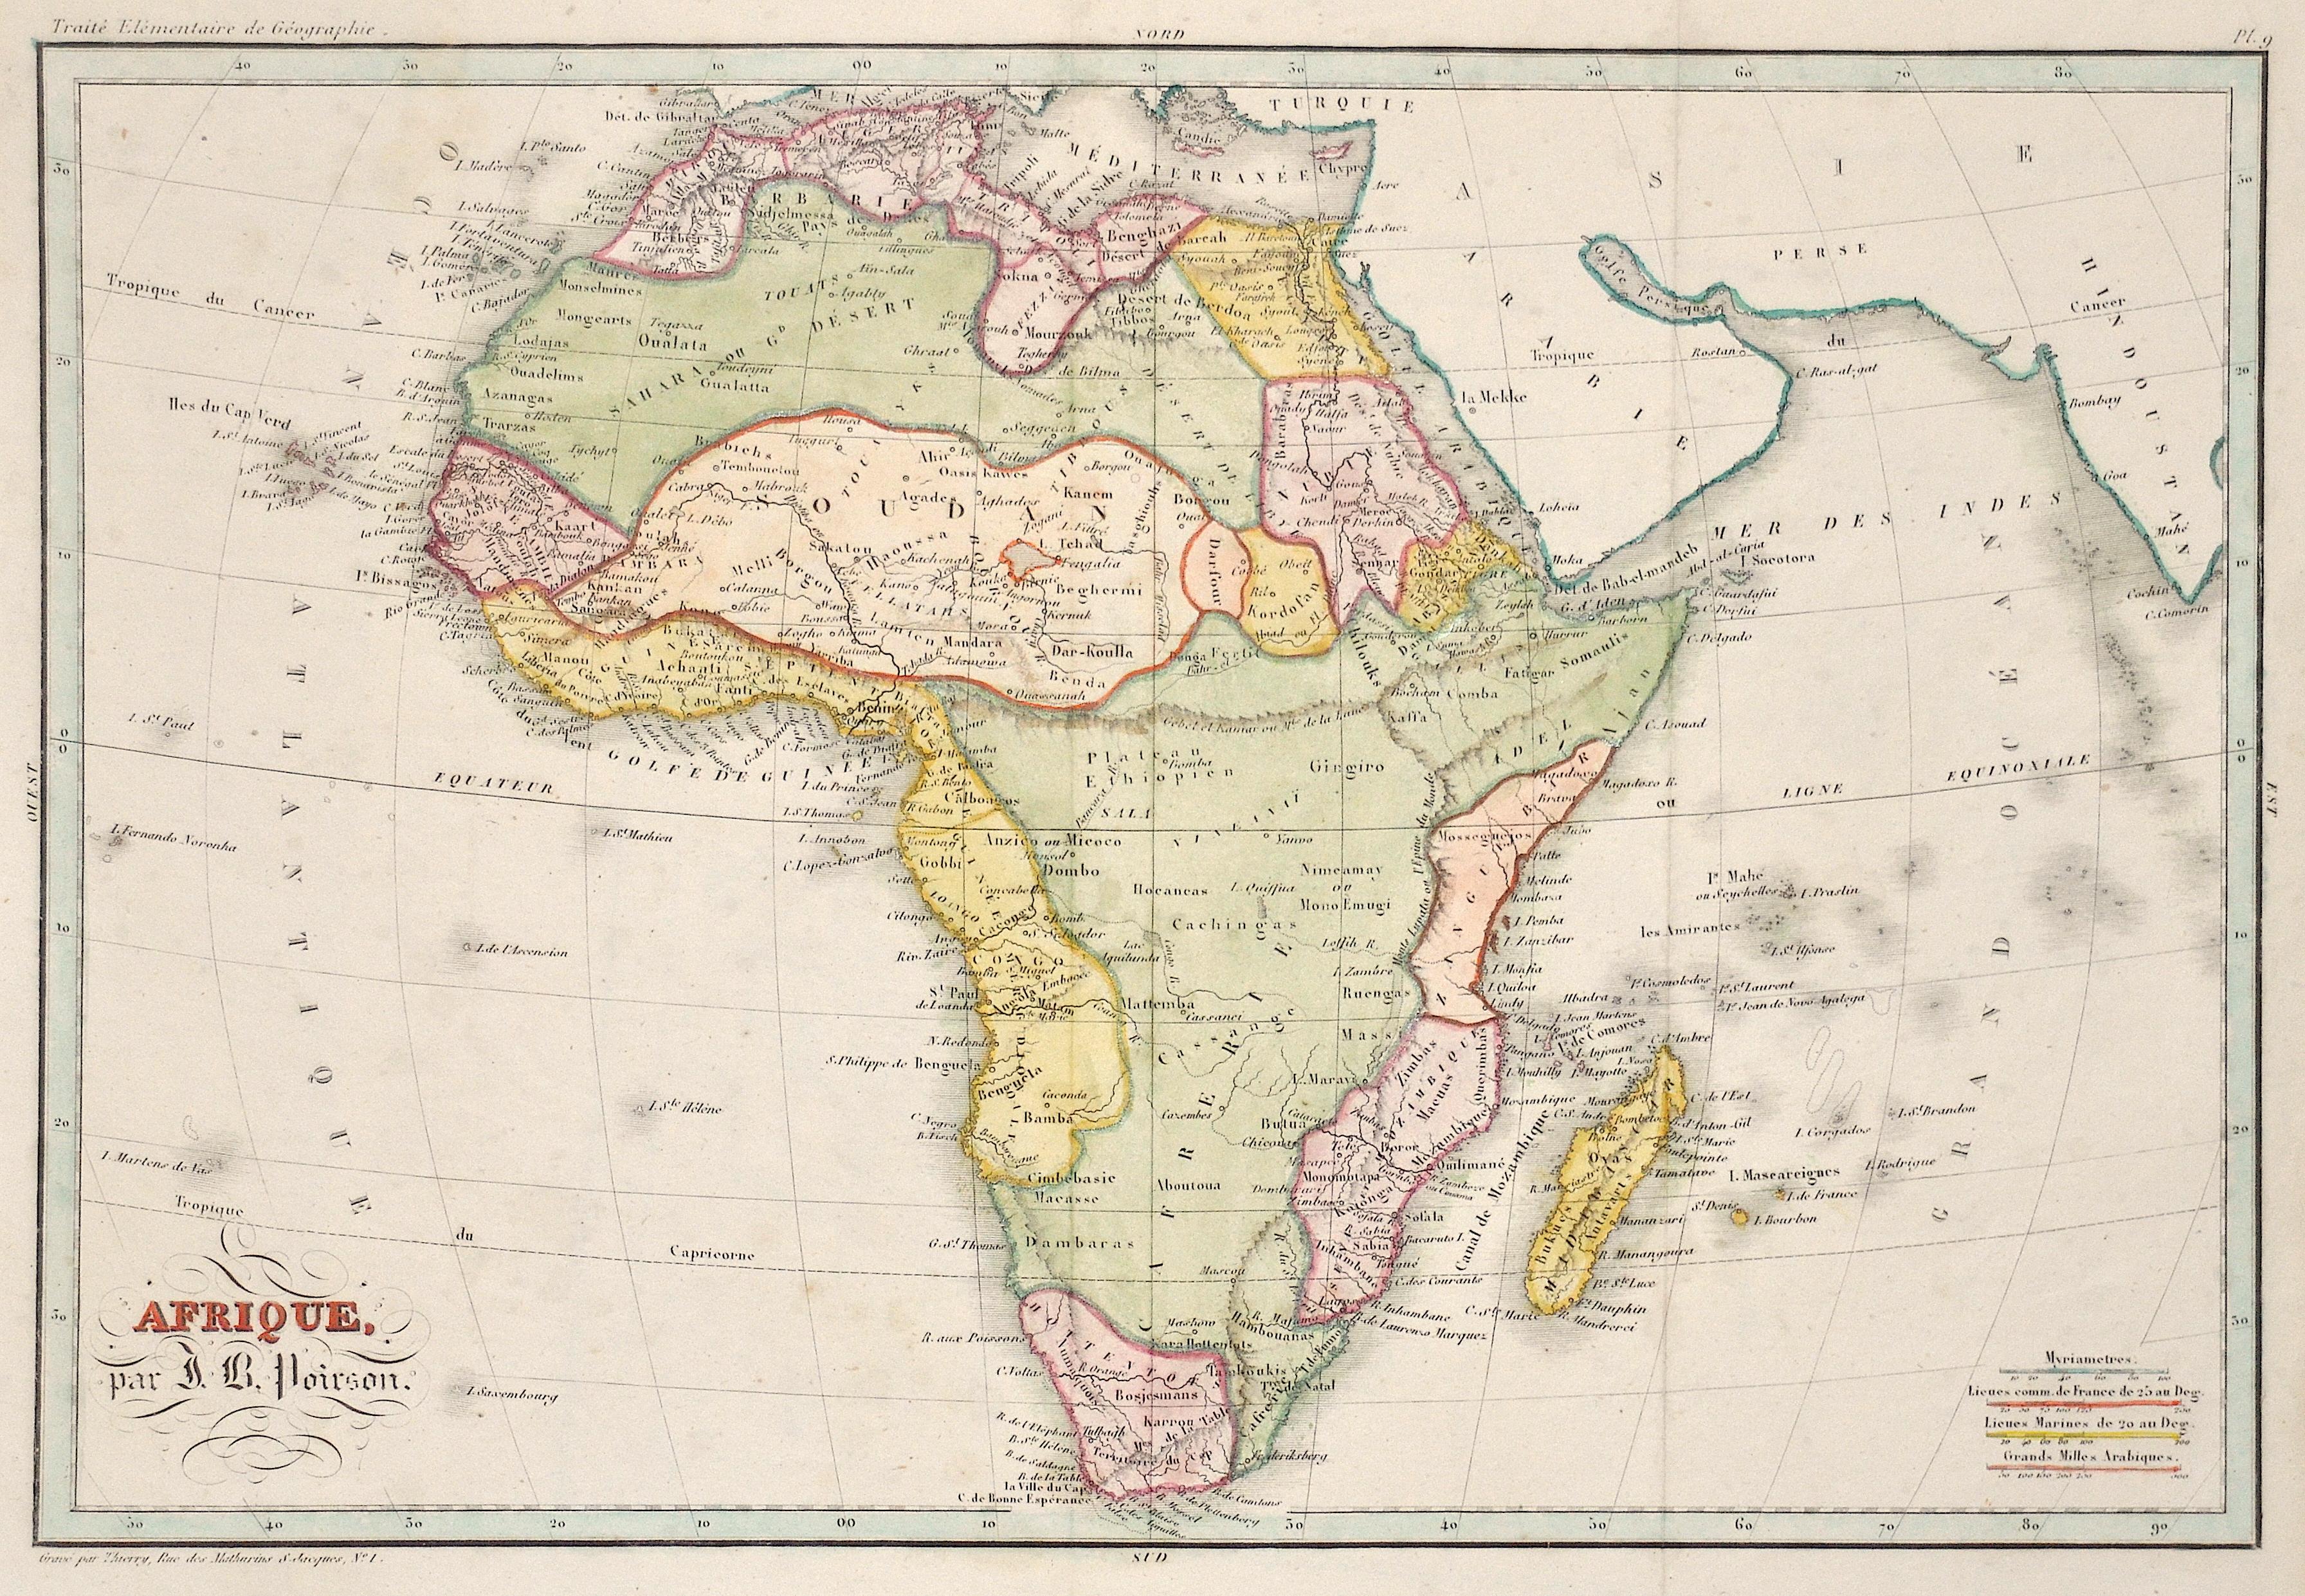 Thierry  Afrique, par J. B. Poirson.